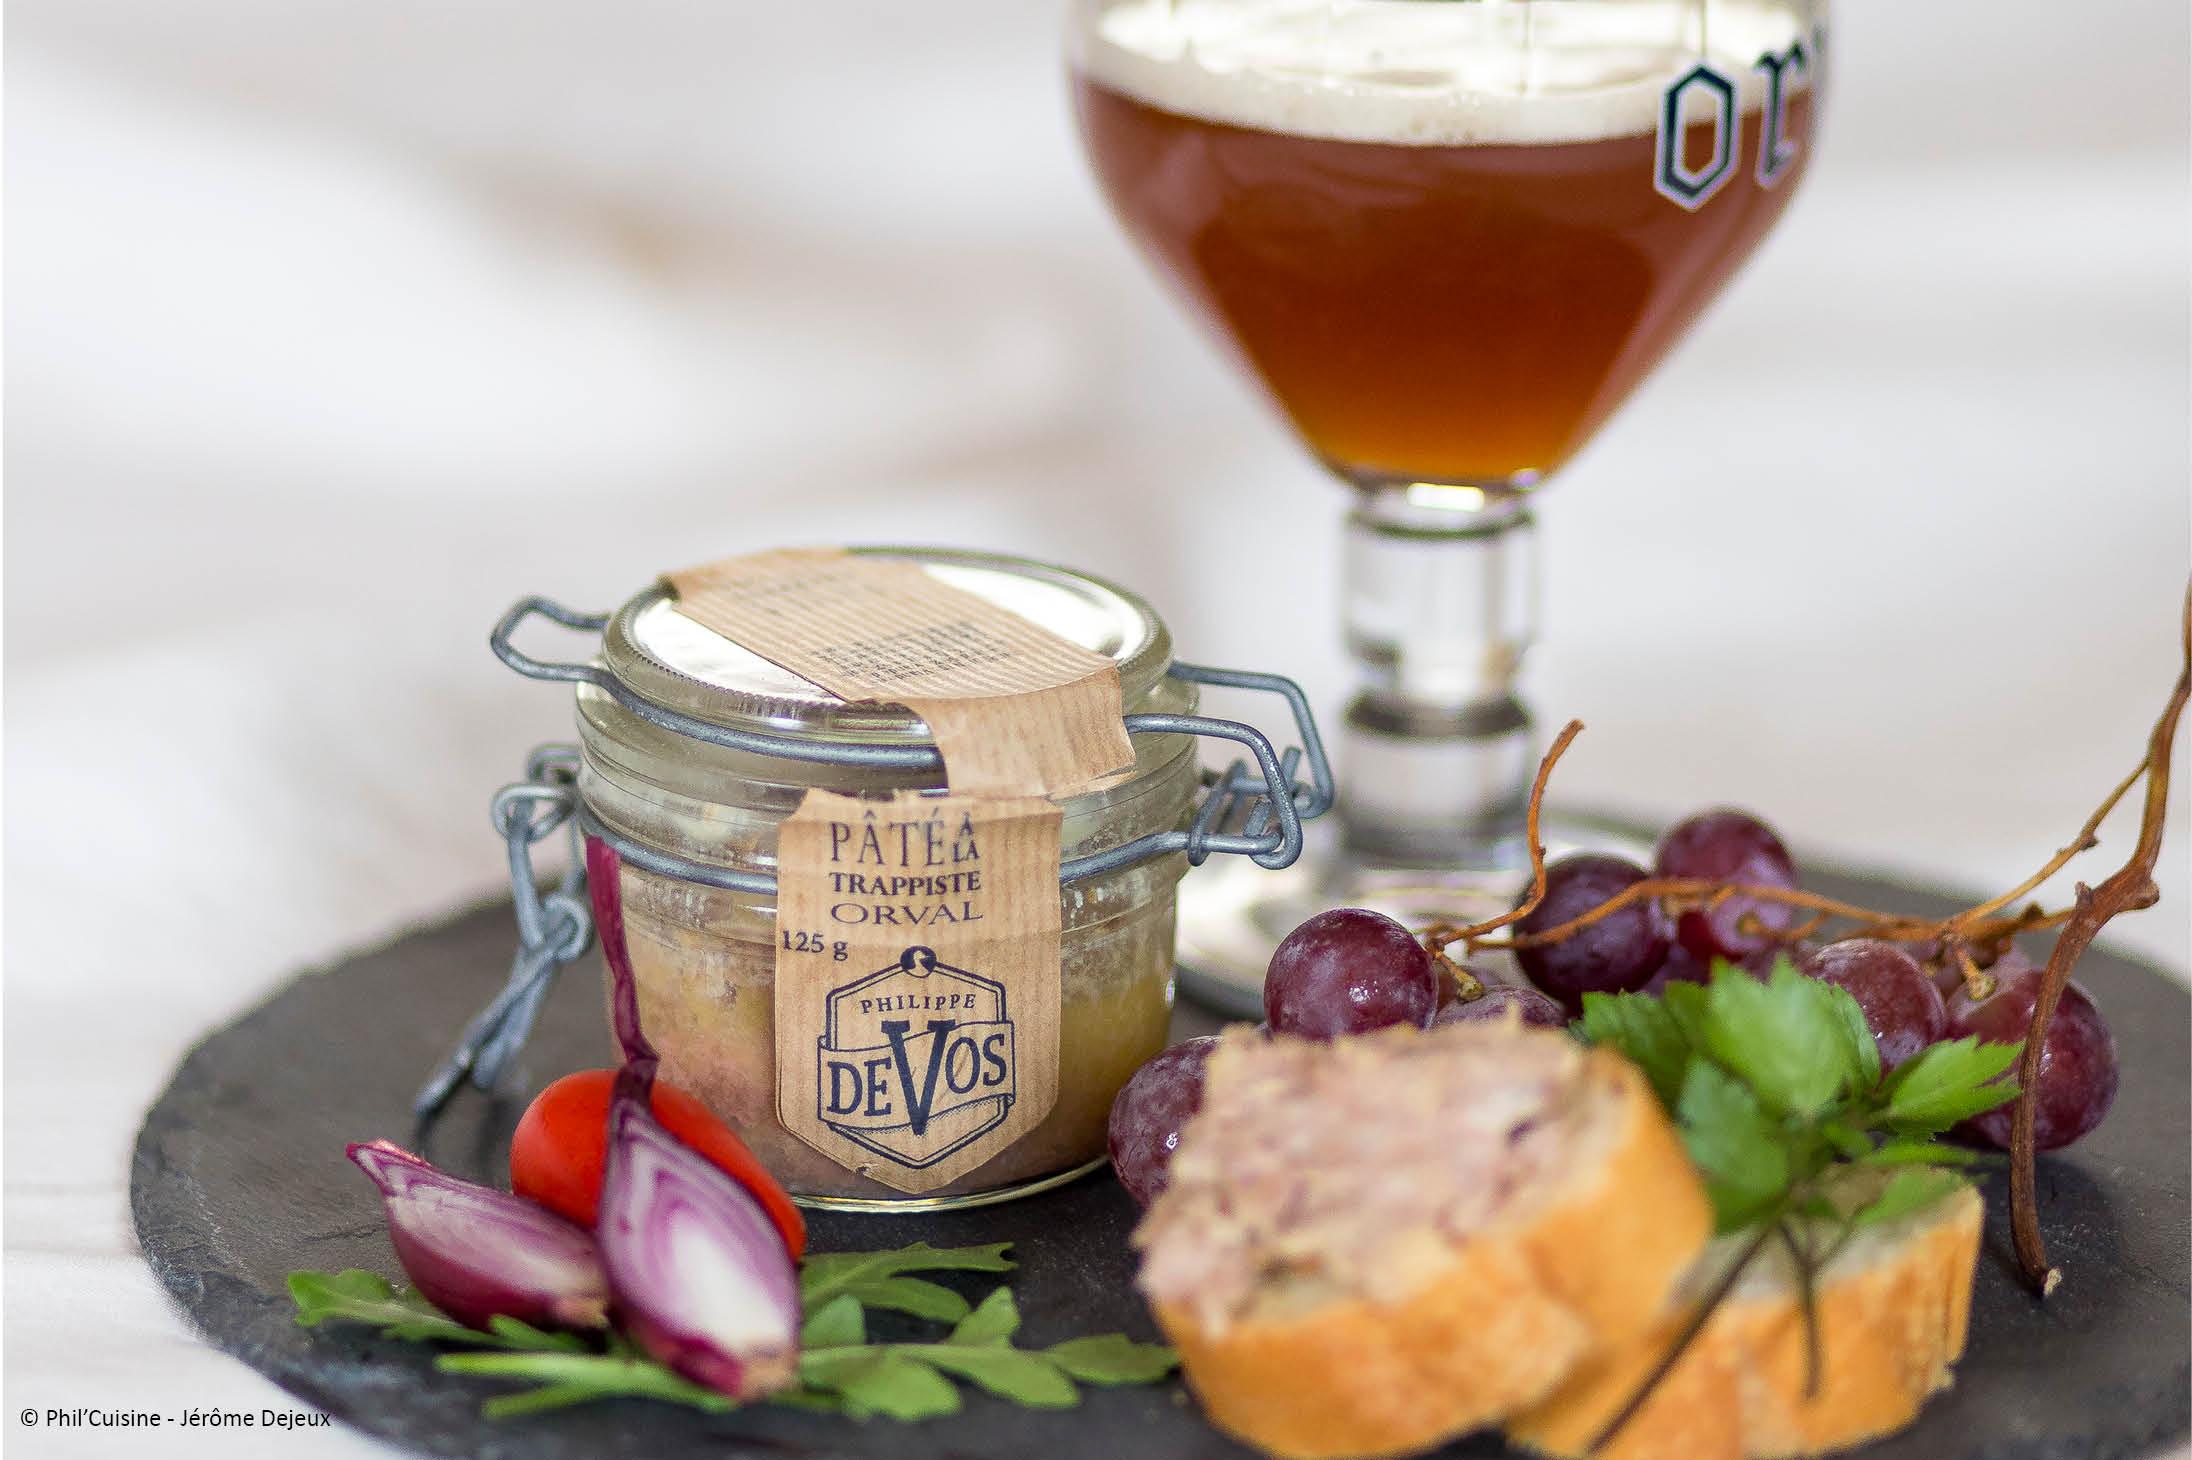 Photo des bocaux Phil'Cuisine à Bastogne